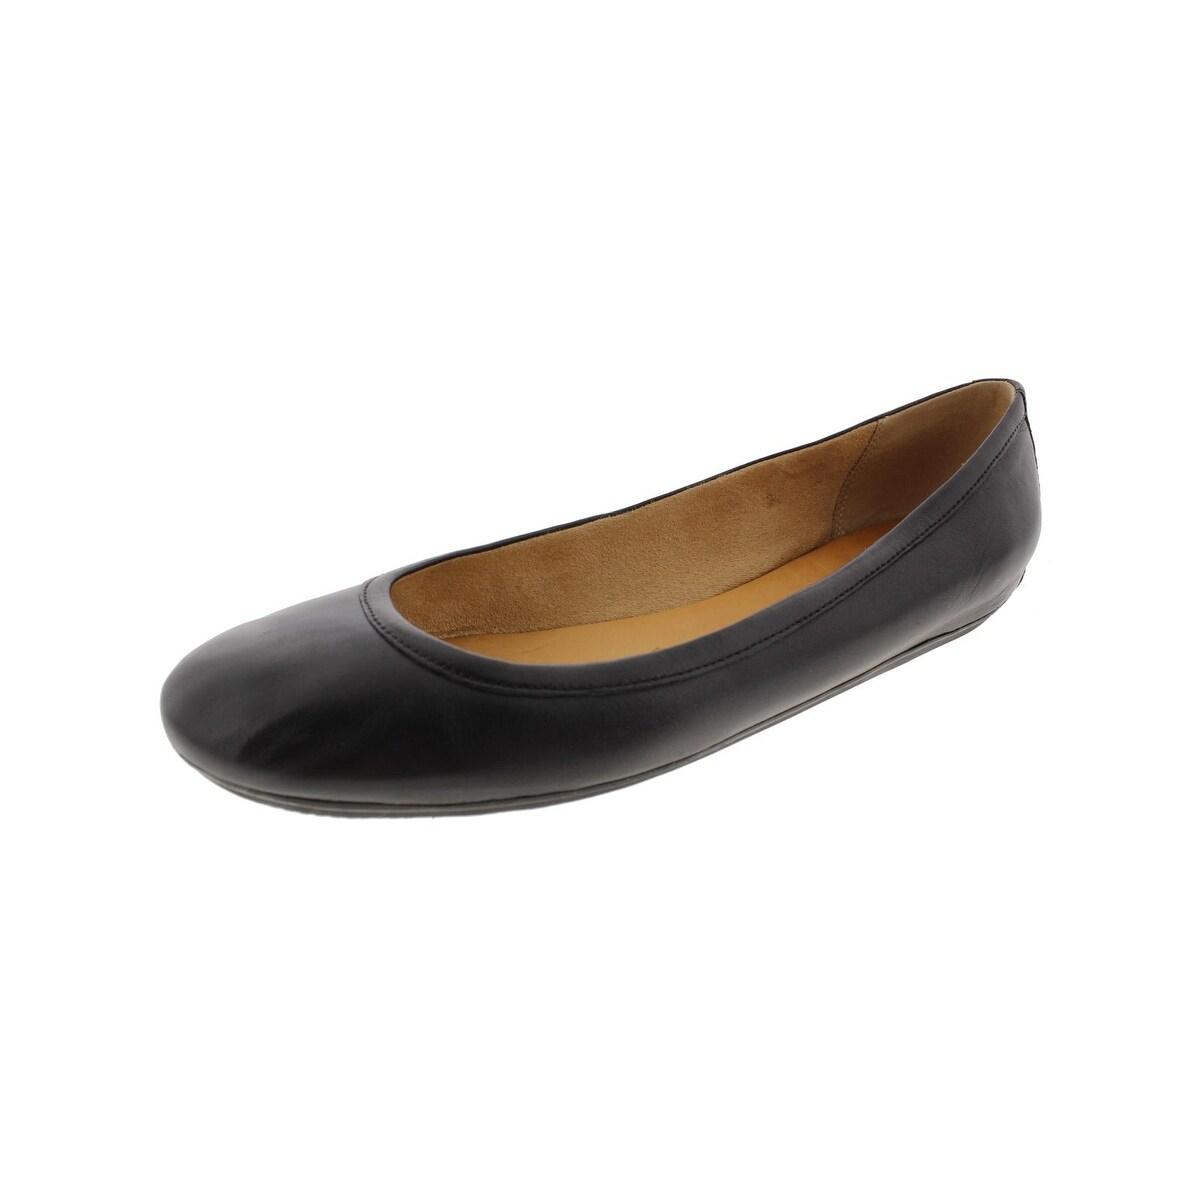 e5104560ad2d Beige Naturalizer Shoes